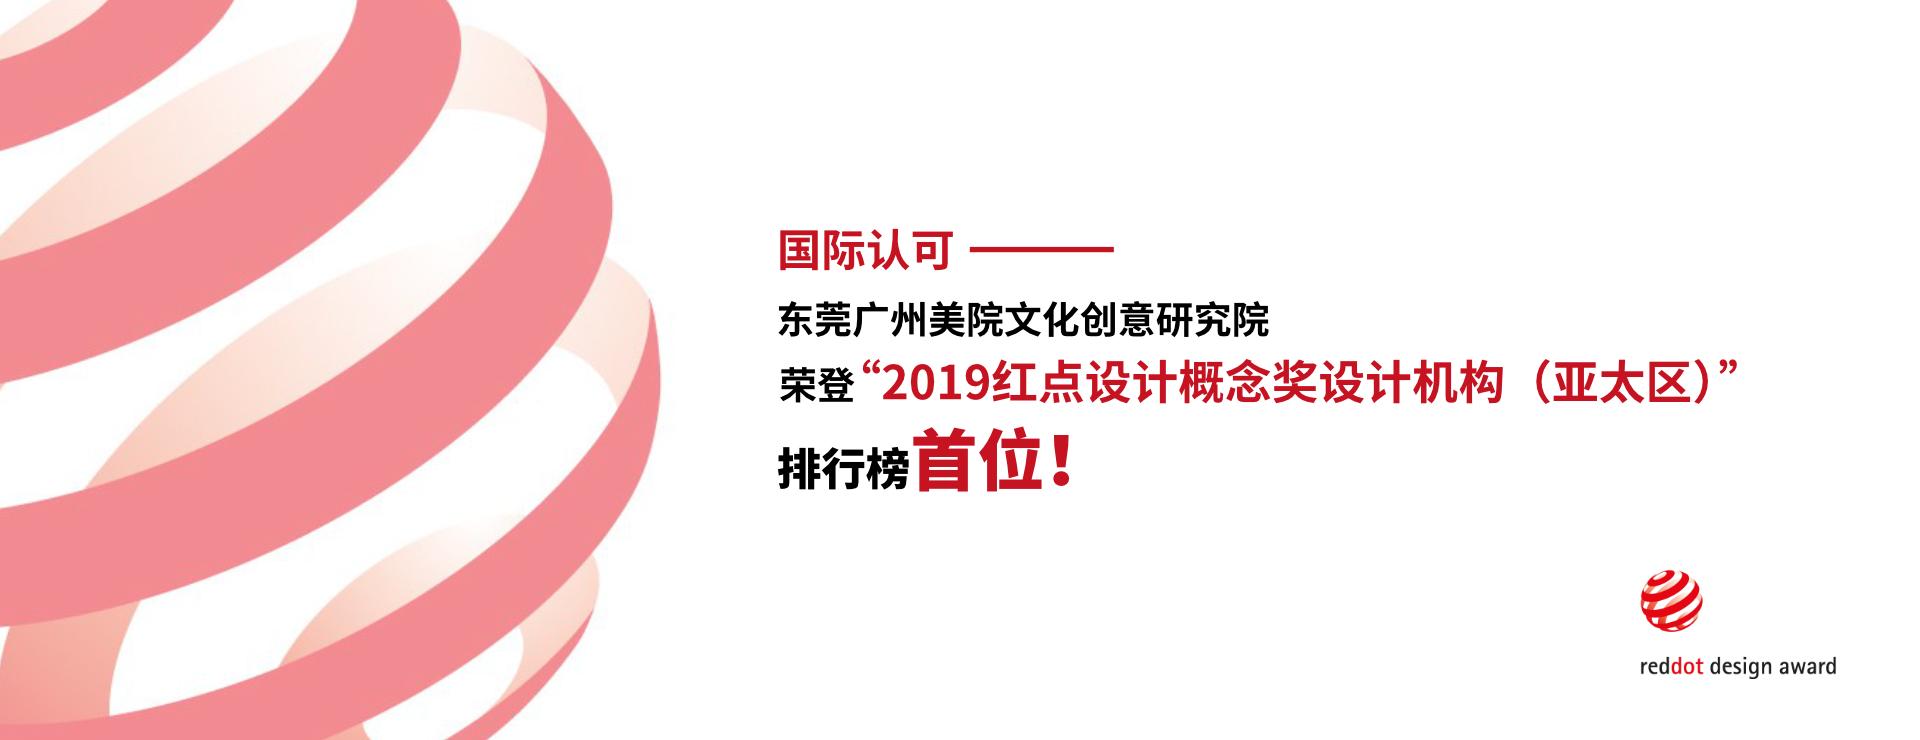 """东莞广美文创研究院荣获""""2019红点设计概念奖设计机构(亚太区)""""第一名!"""